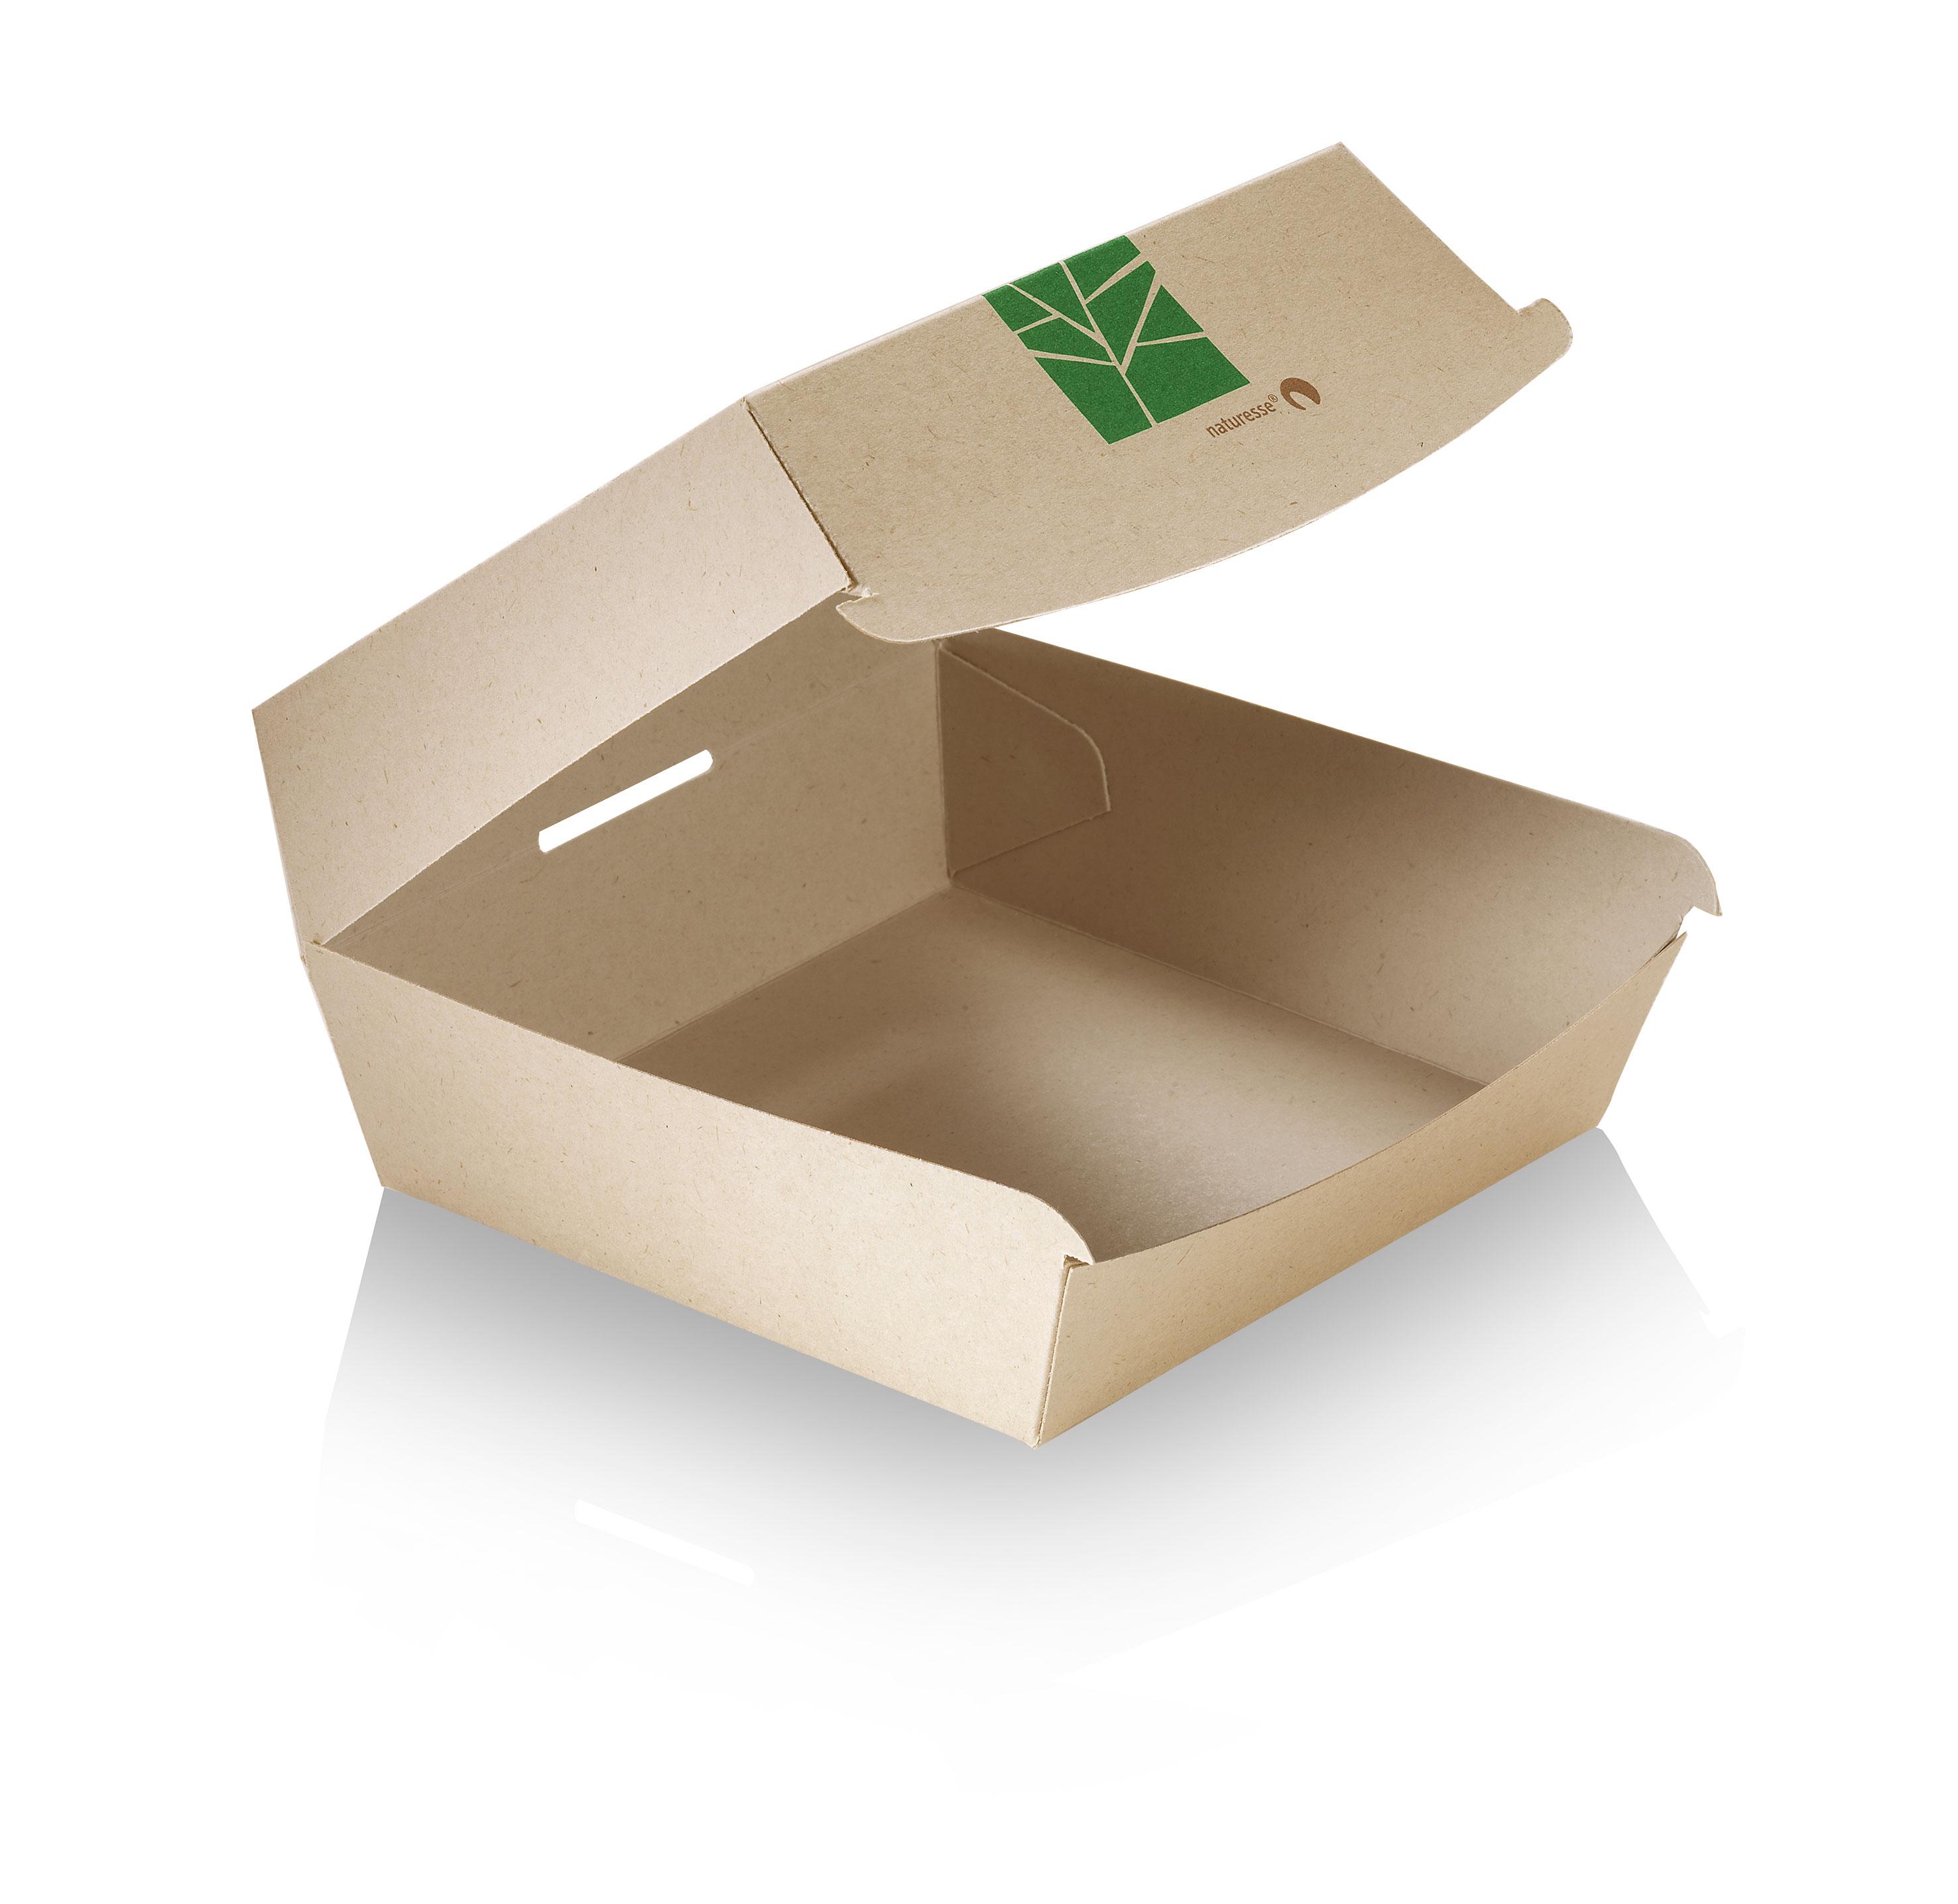 xxx naturesse paperwise burger box mit klappdeckel 16x15 5x9cm neuheiten produkte portal. Black Bedroom Furniture Sets. Home Design Ideas